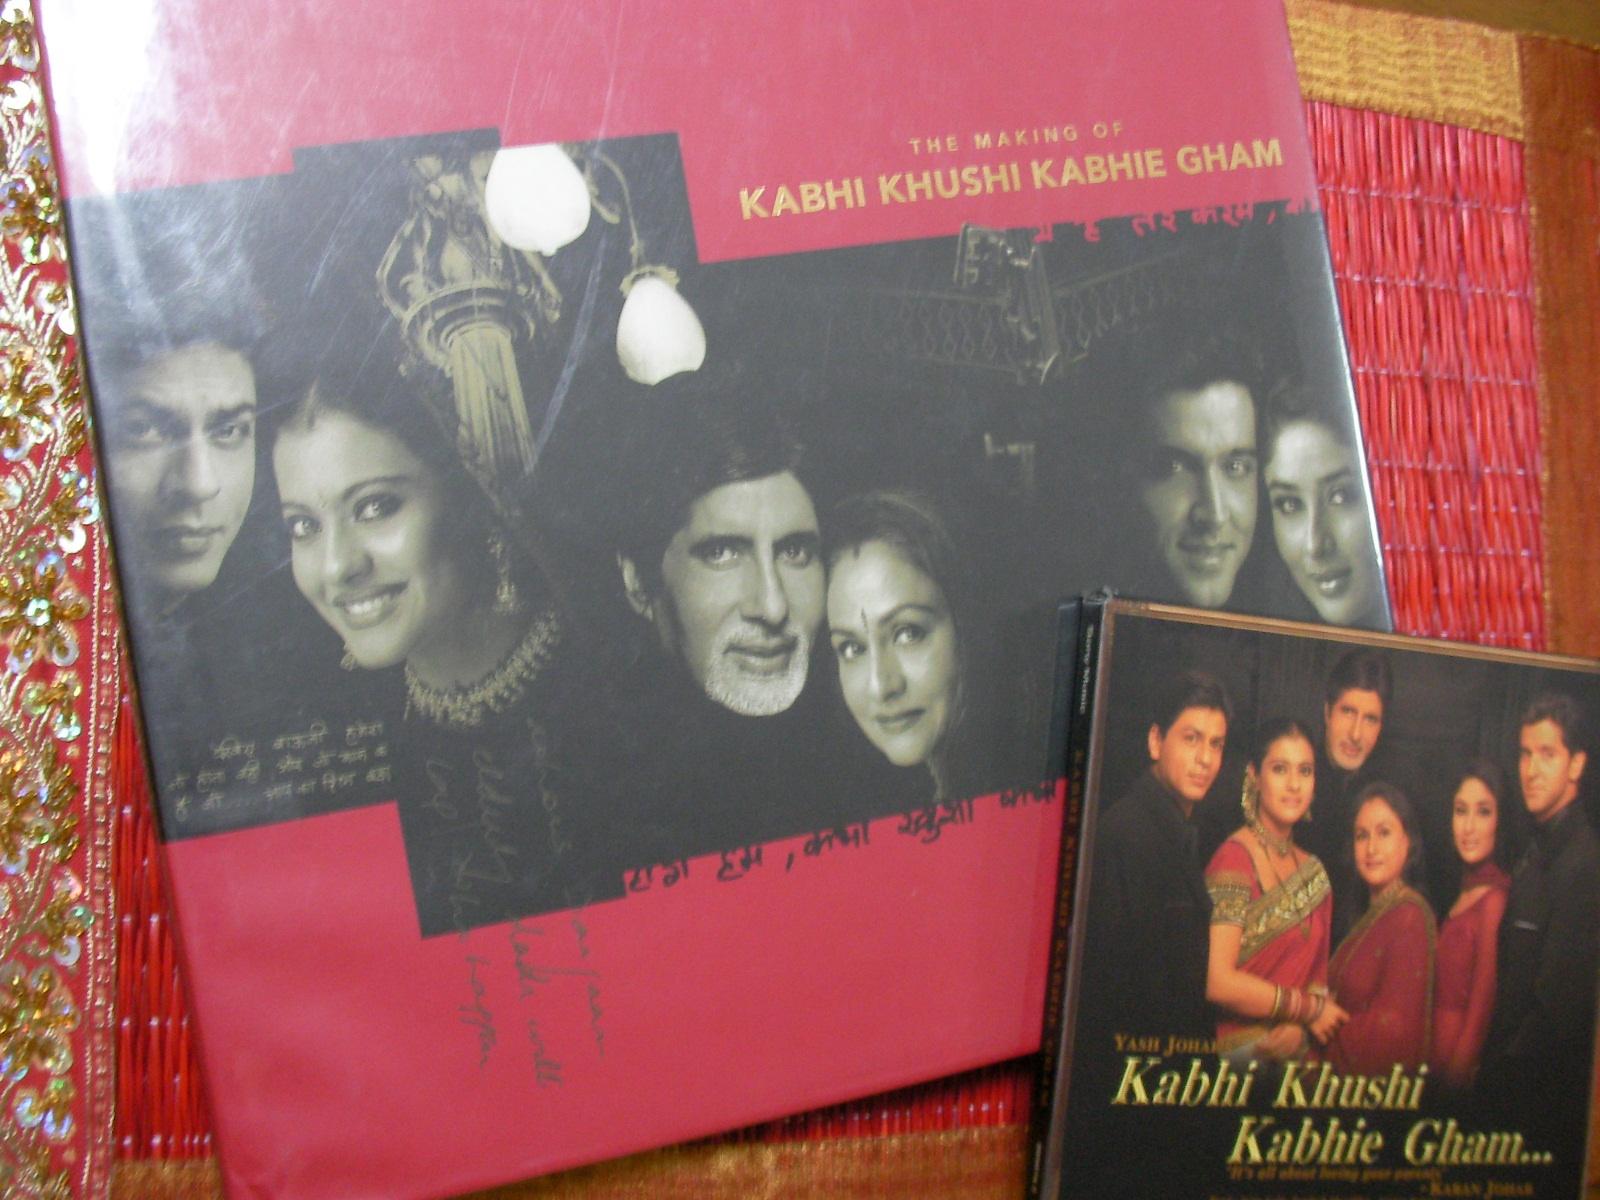 Kabhi Kushi Kabhie Gham (家族の四季 愛すれど遠く離れて)